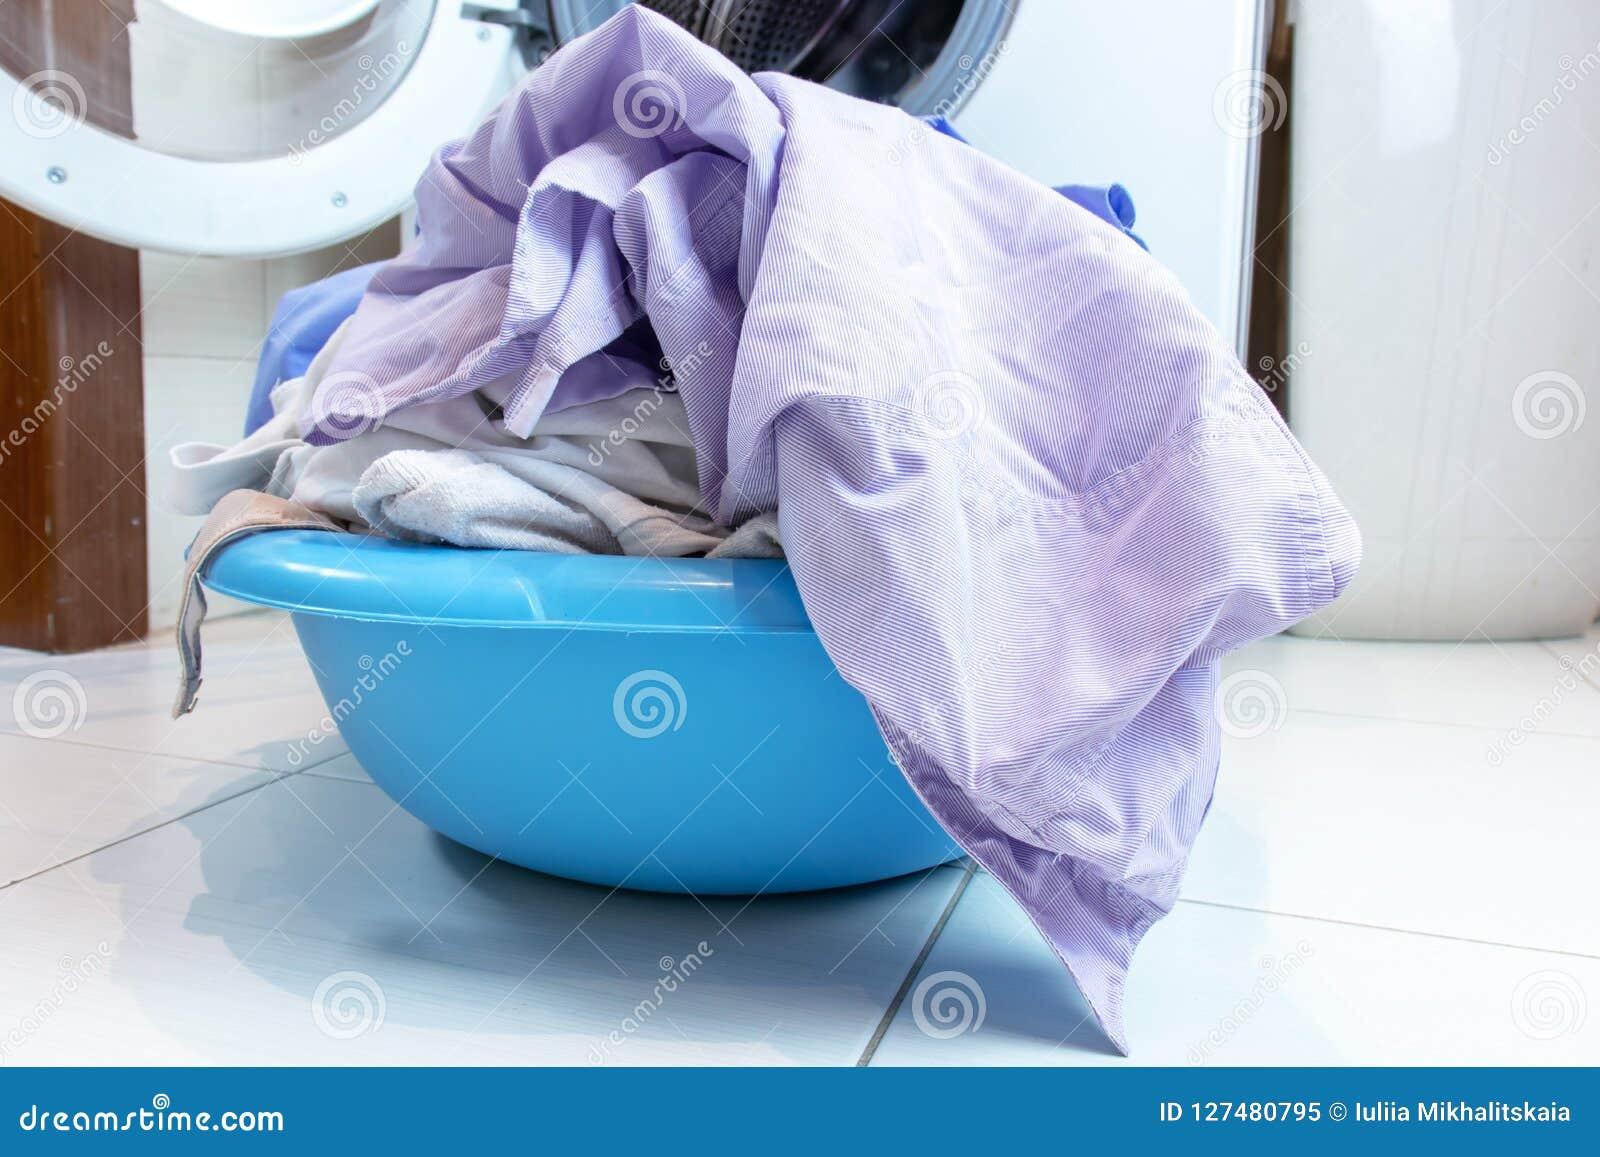 Lavadora Con Lavabo.Un Lavabo Por Completo Del Lavadero Sucio En El Piso Del